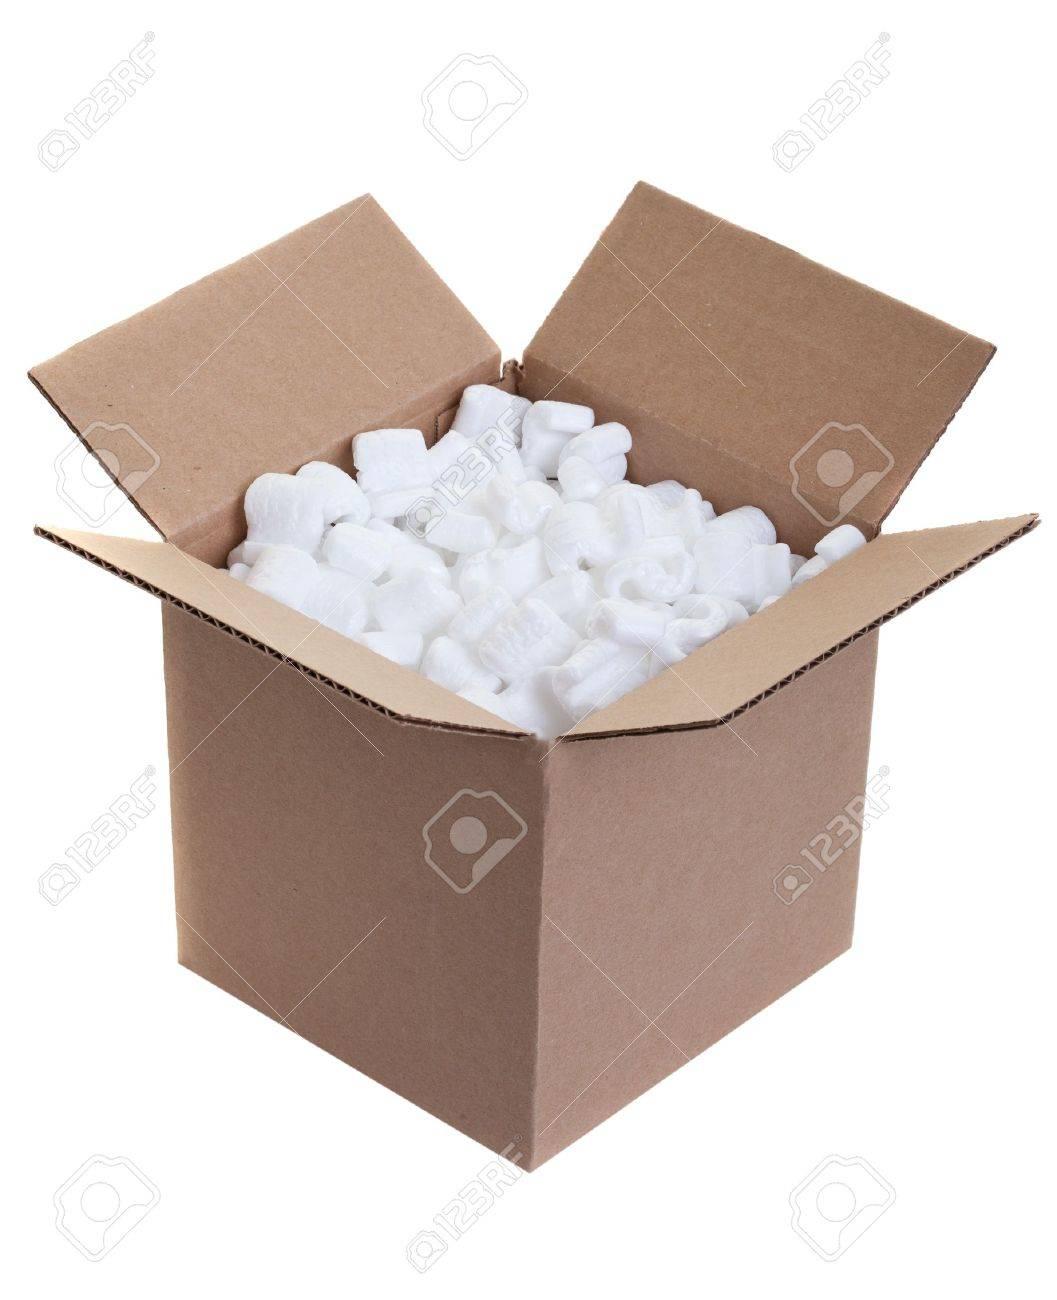 boite en carton avec mousse de polystyrene d emballage arachides sur blanc